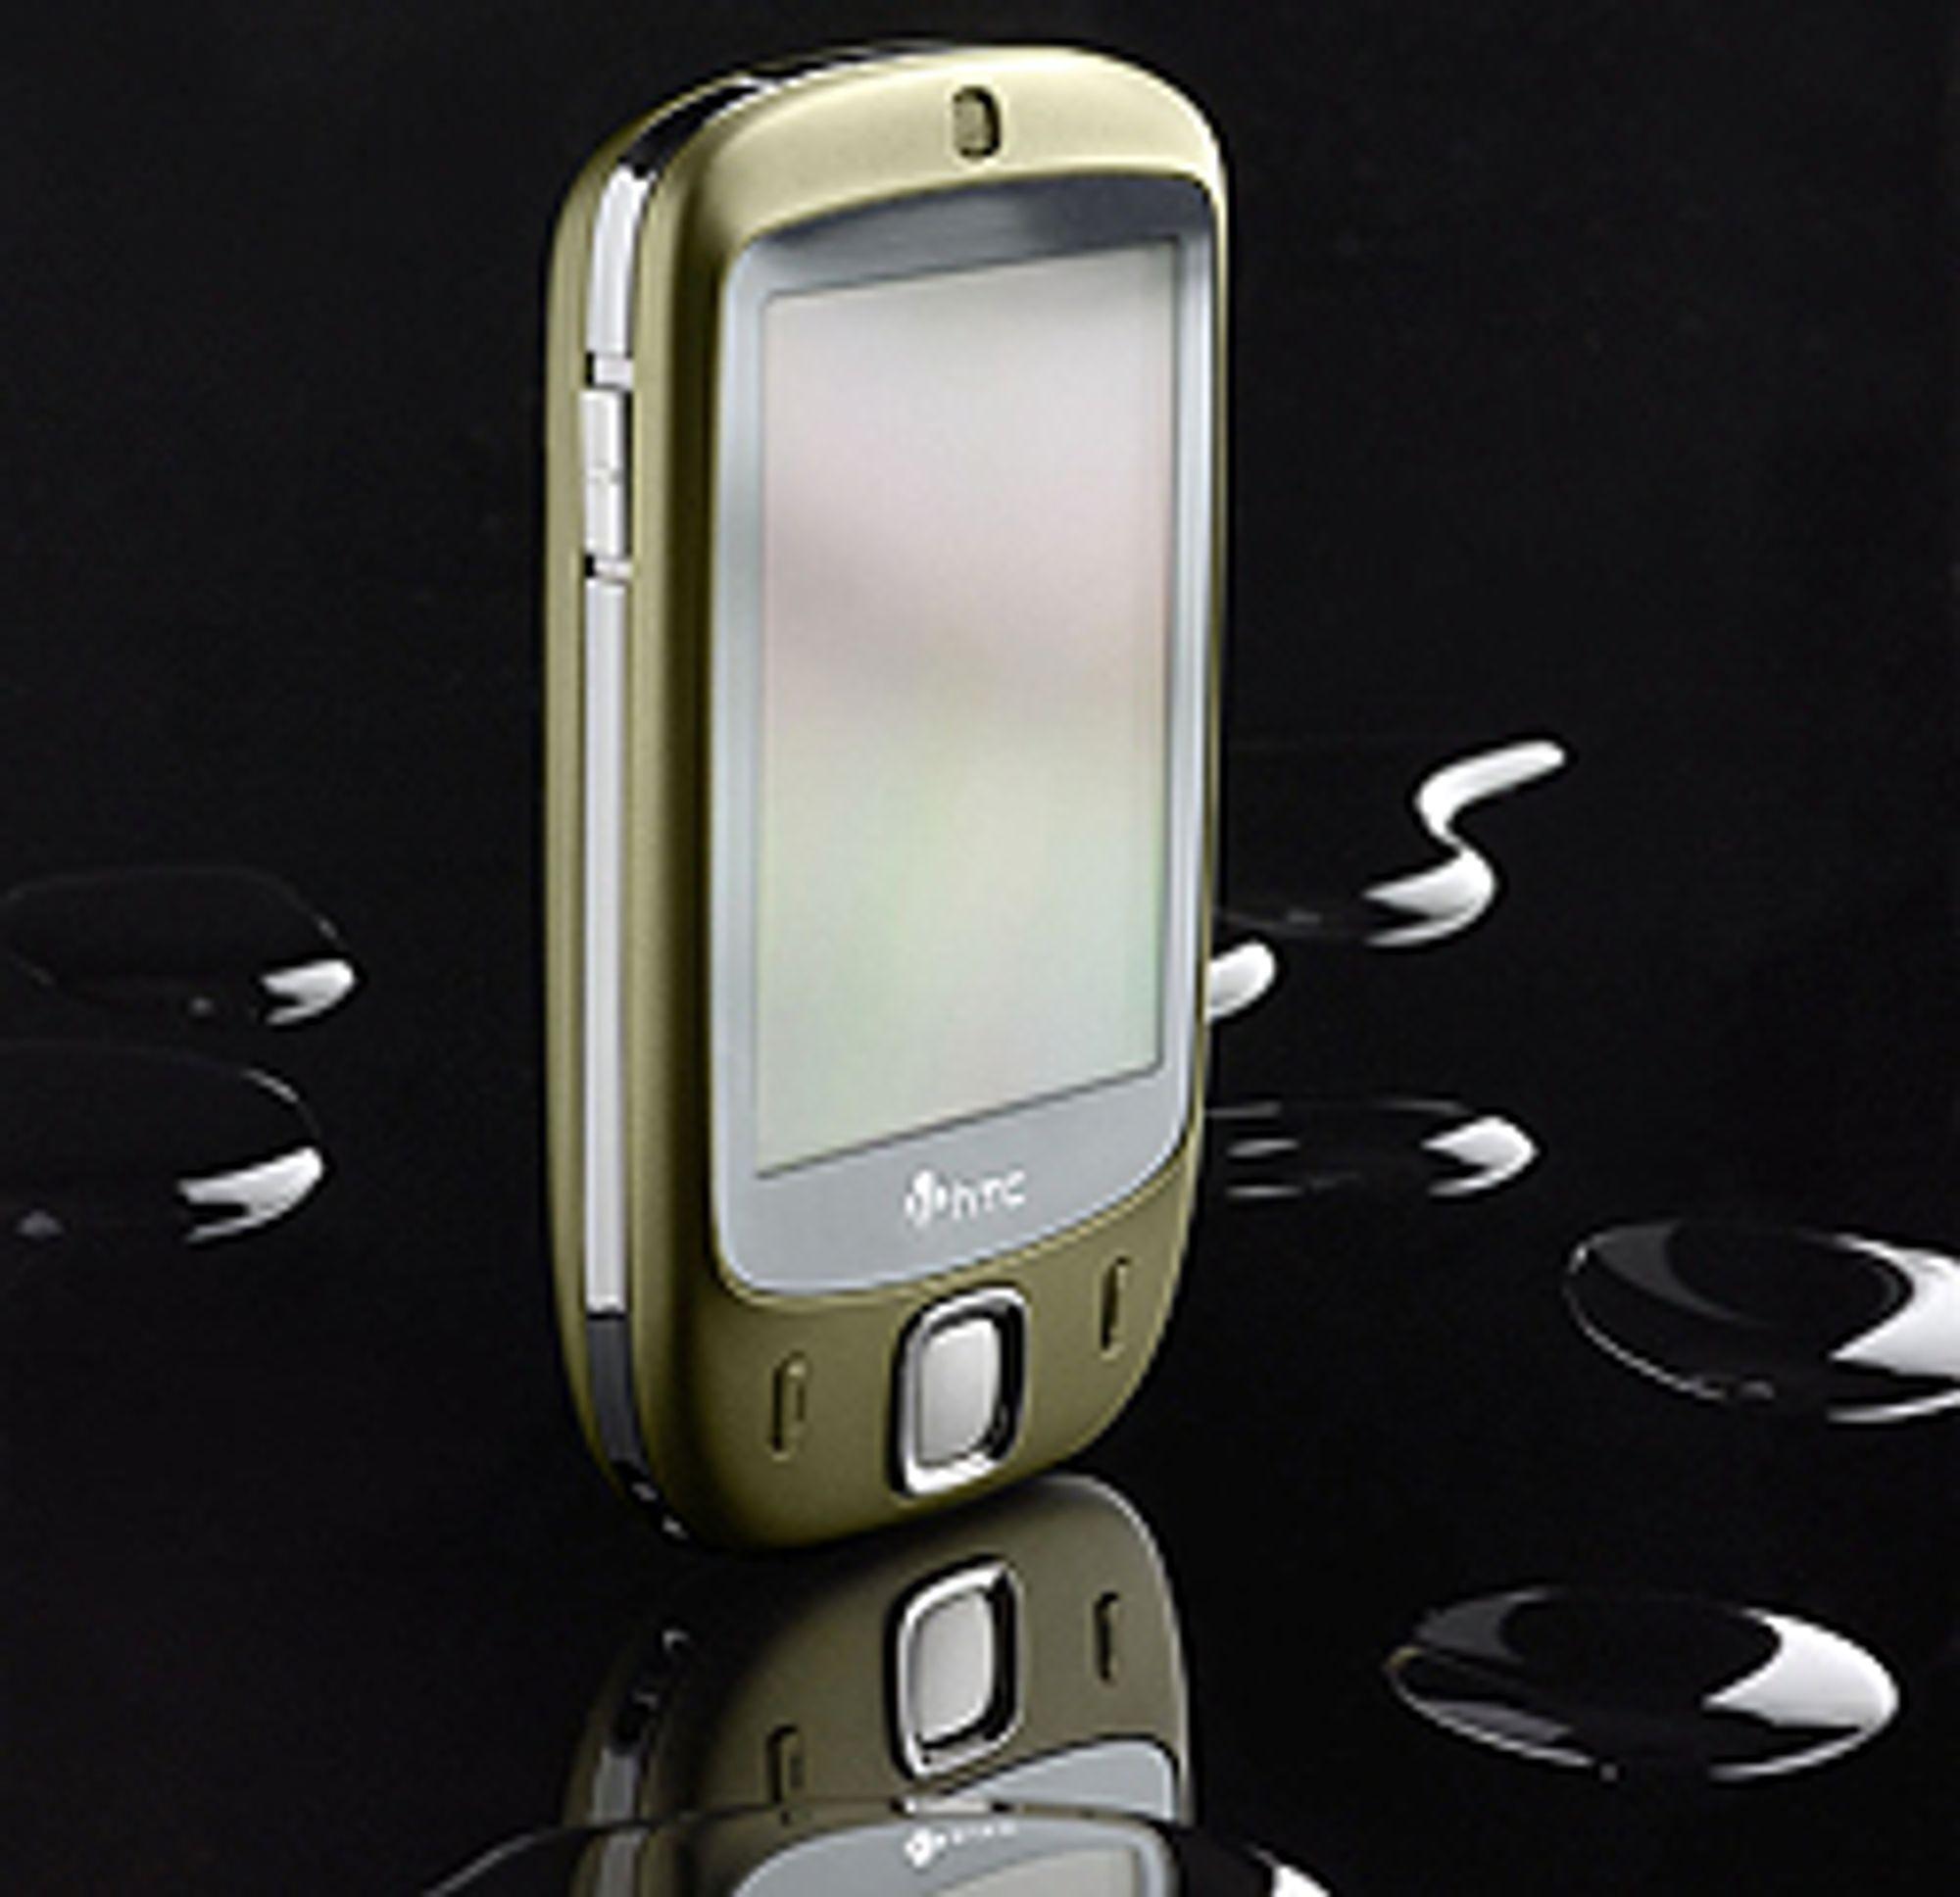 HTC Touch kommer i svart og grønt.